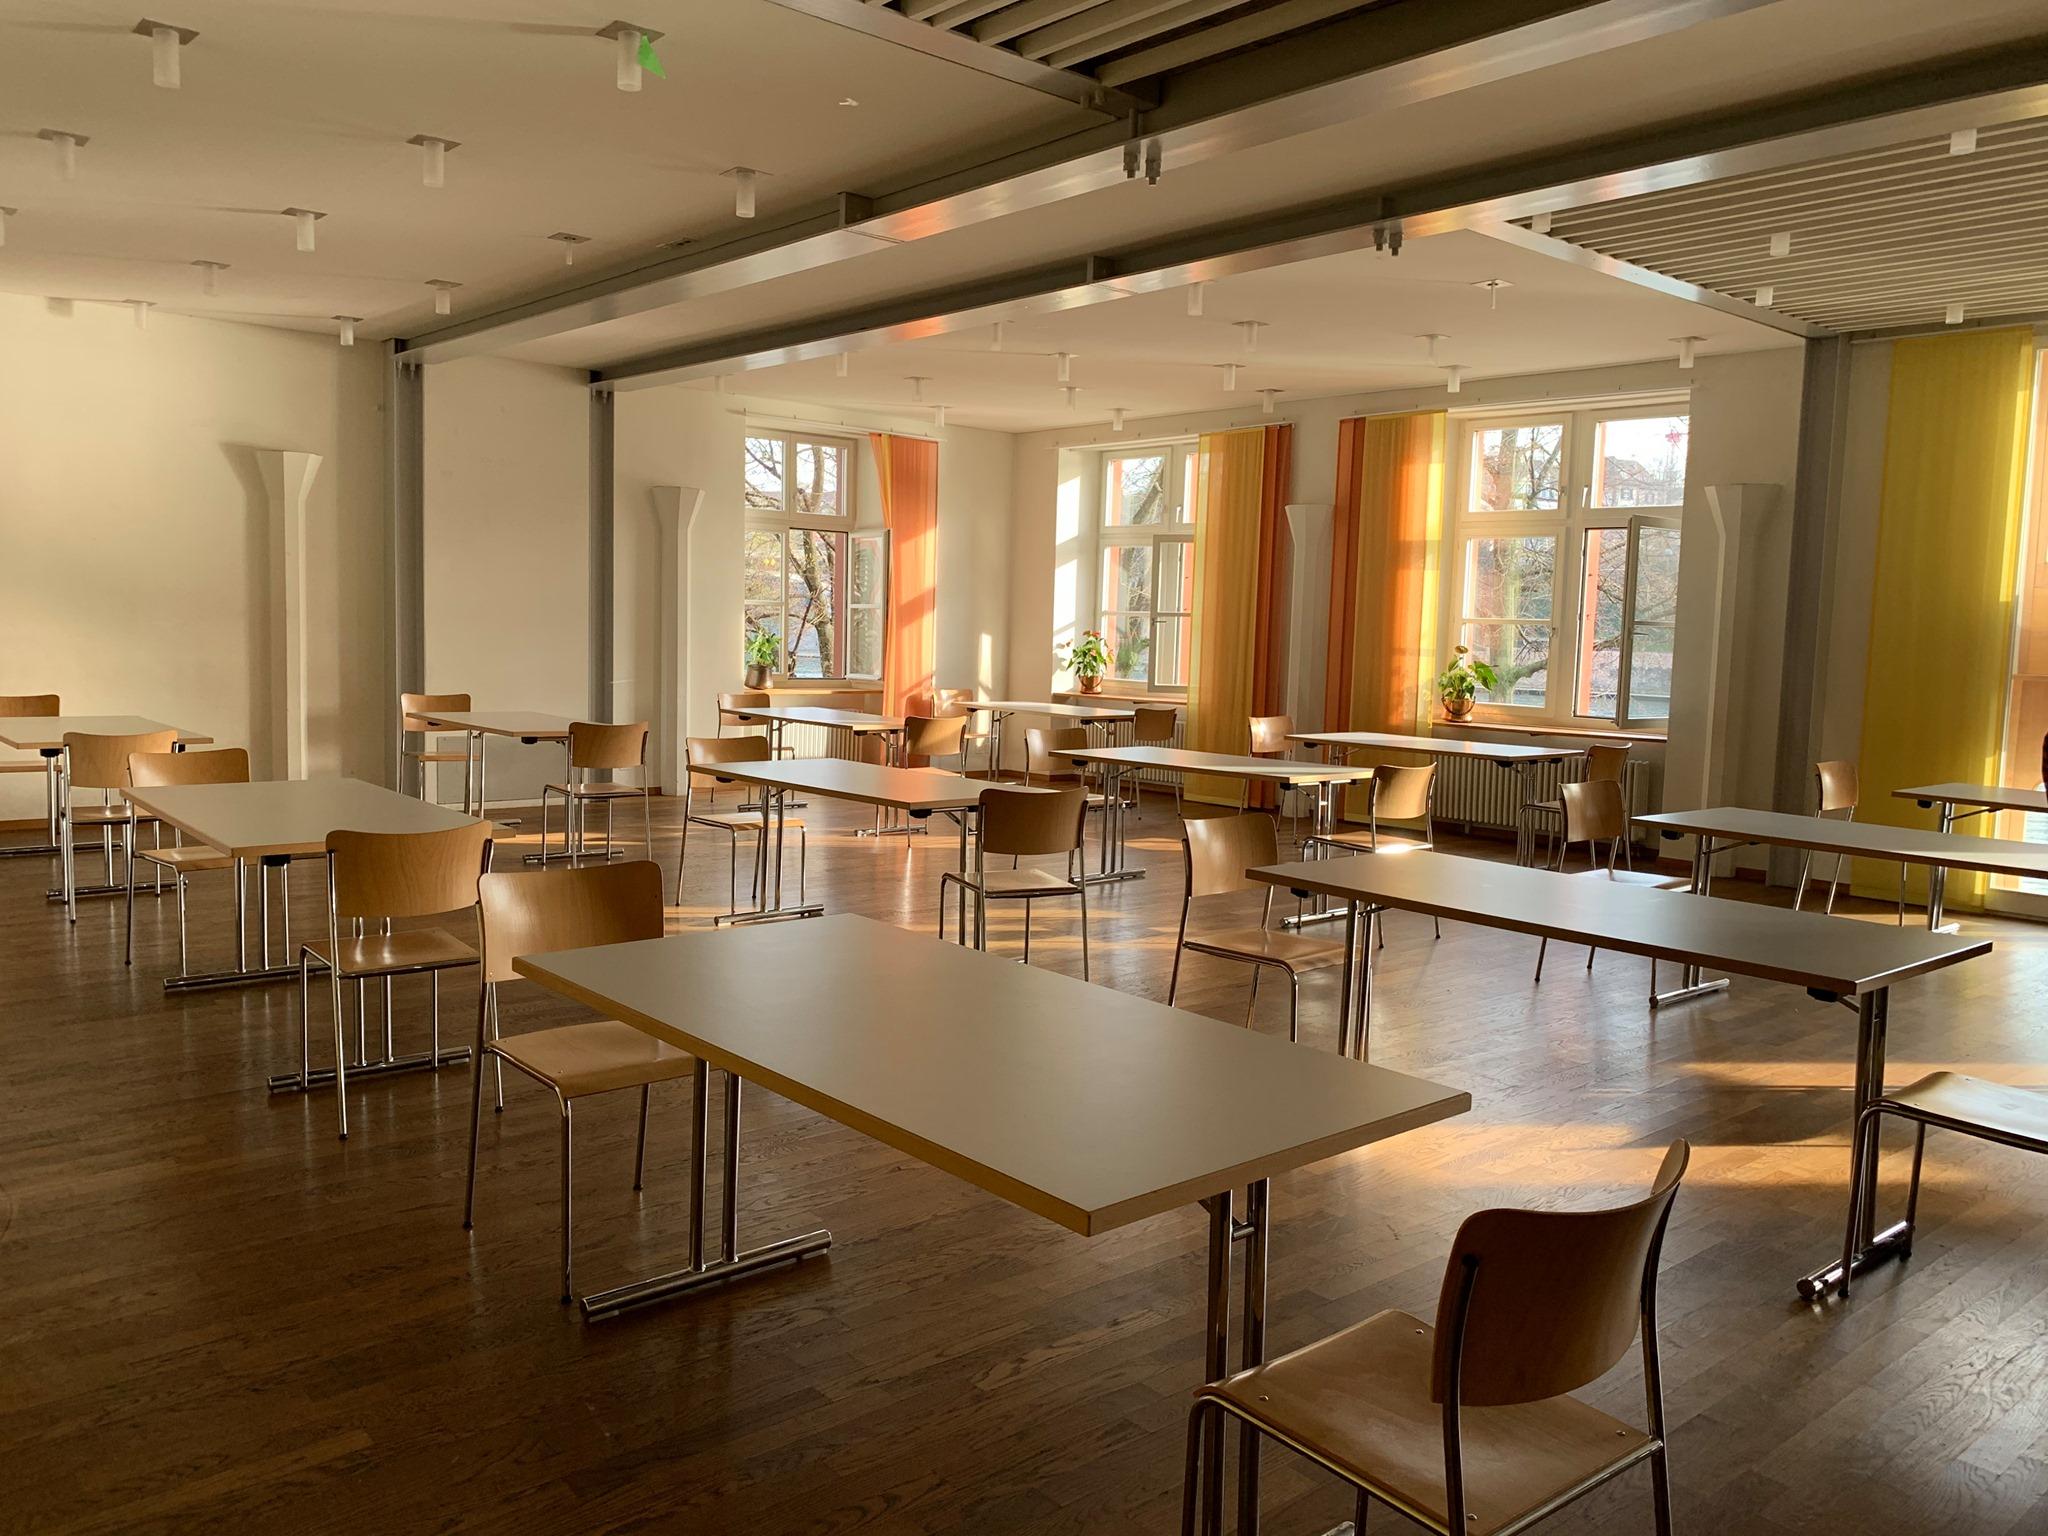 Saal in der Pfarrei St. Clara in Basel, wo Obdachlose ihr Essen an einem ruhigen Ort einnehmen können. © Verein für Gassenarbeit Schwarzer Peter, Basel.